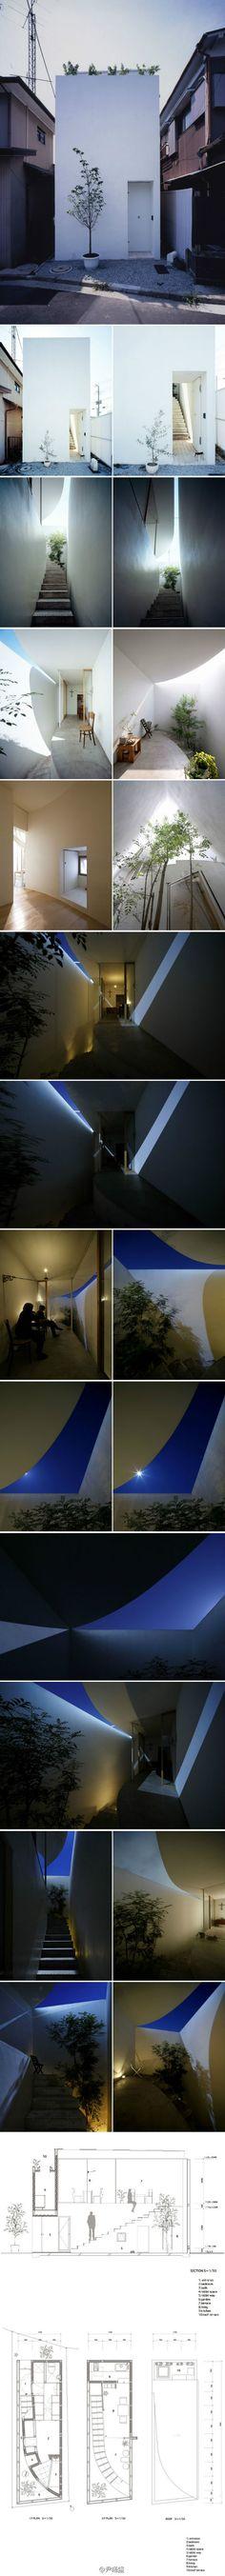 保坂猛(Takeshi Hosaka)Love House,横浜市,33.16平米,建築面積18.96平米。